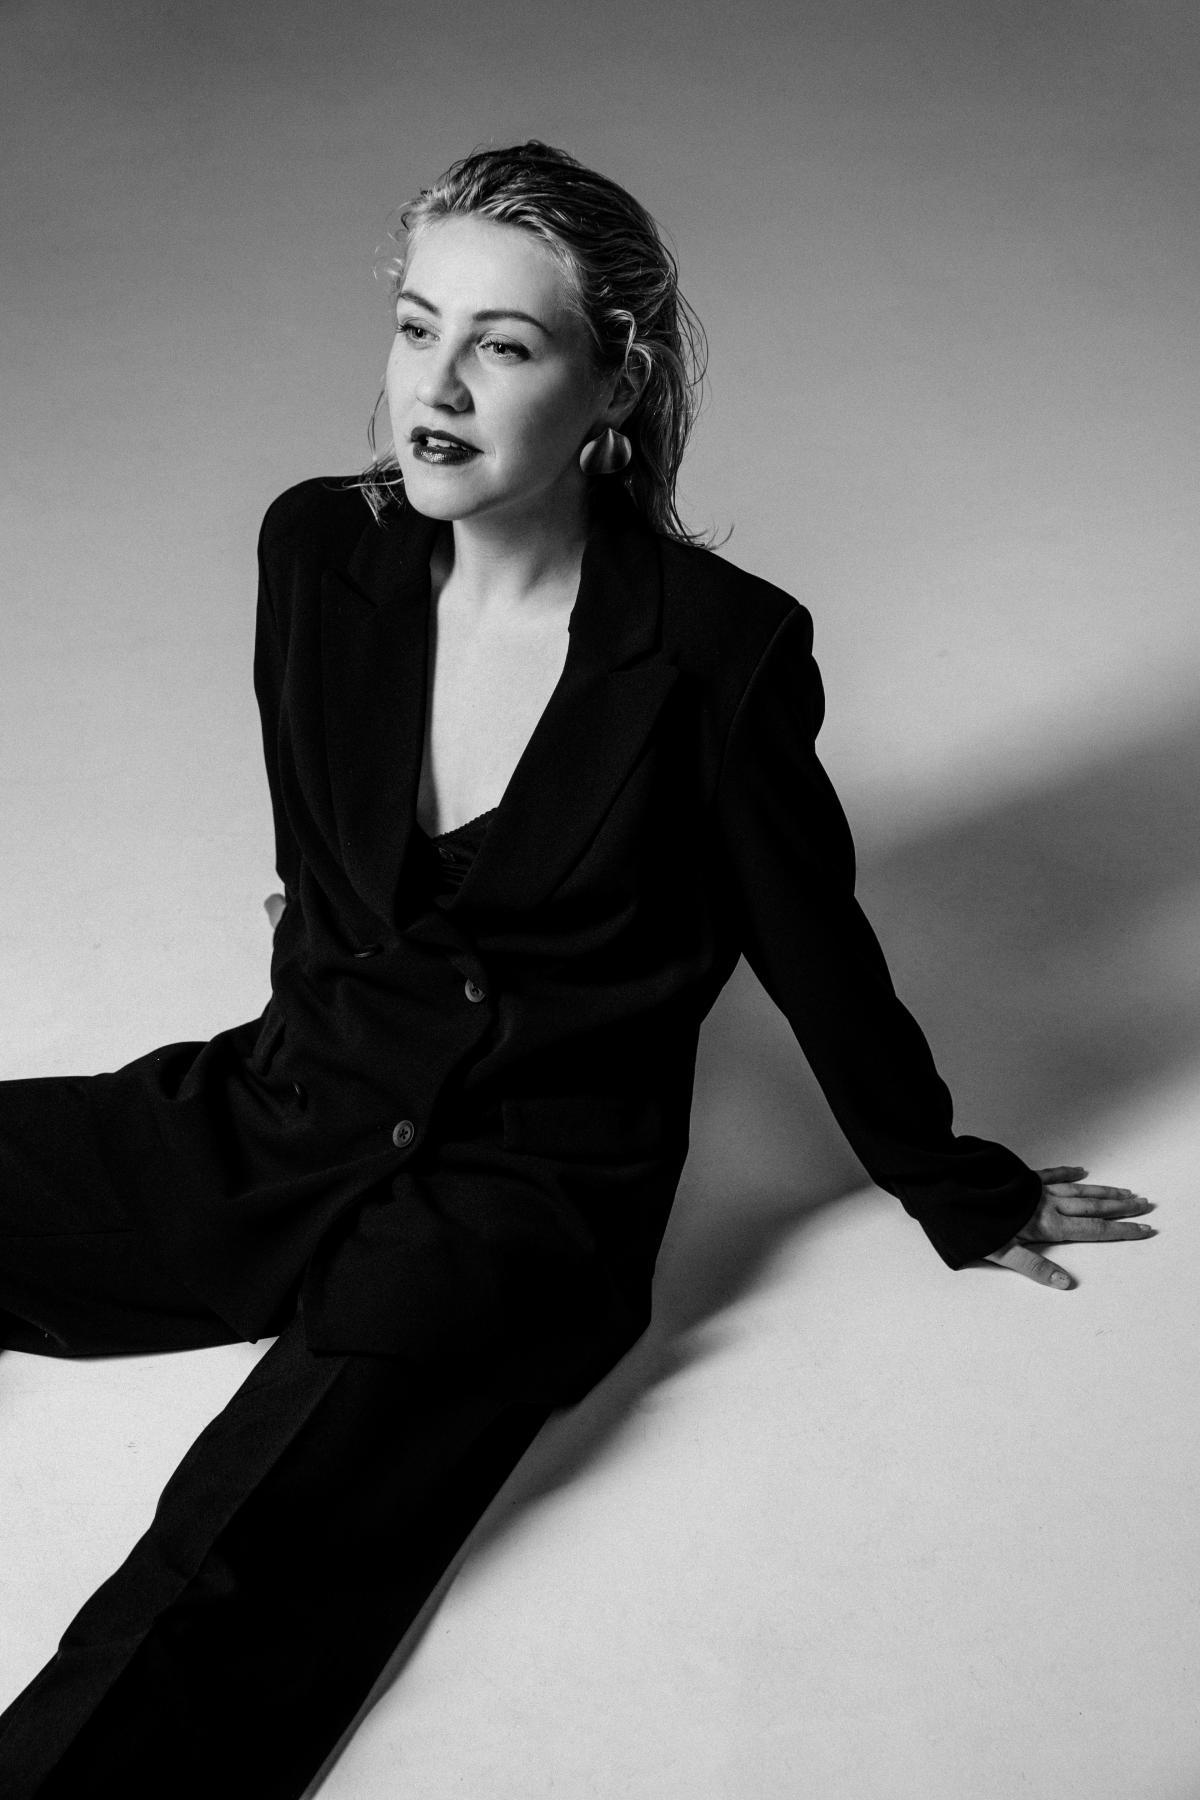 """Алина Баженова: """"Мне кажется странным, что единственное существо на Земле, способное мыслить логически и рационально, продолжает работать физически""""/ Фото предоставлено героиней"""